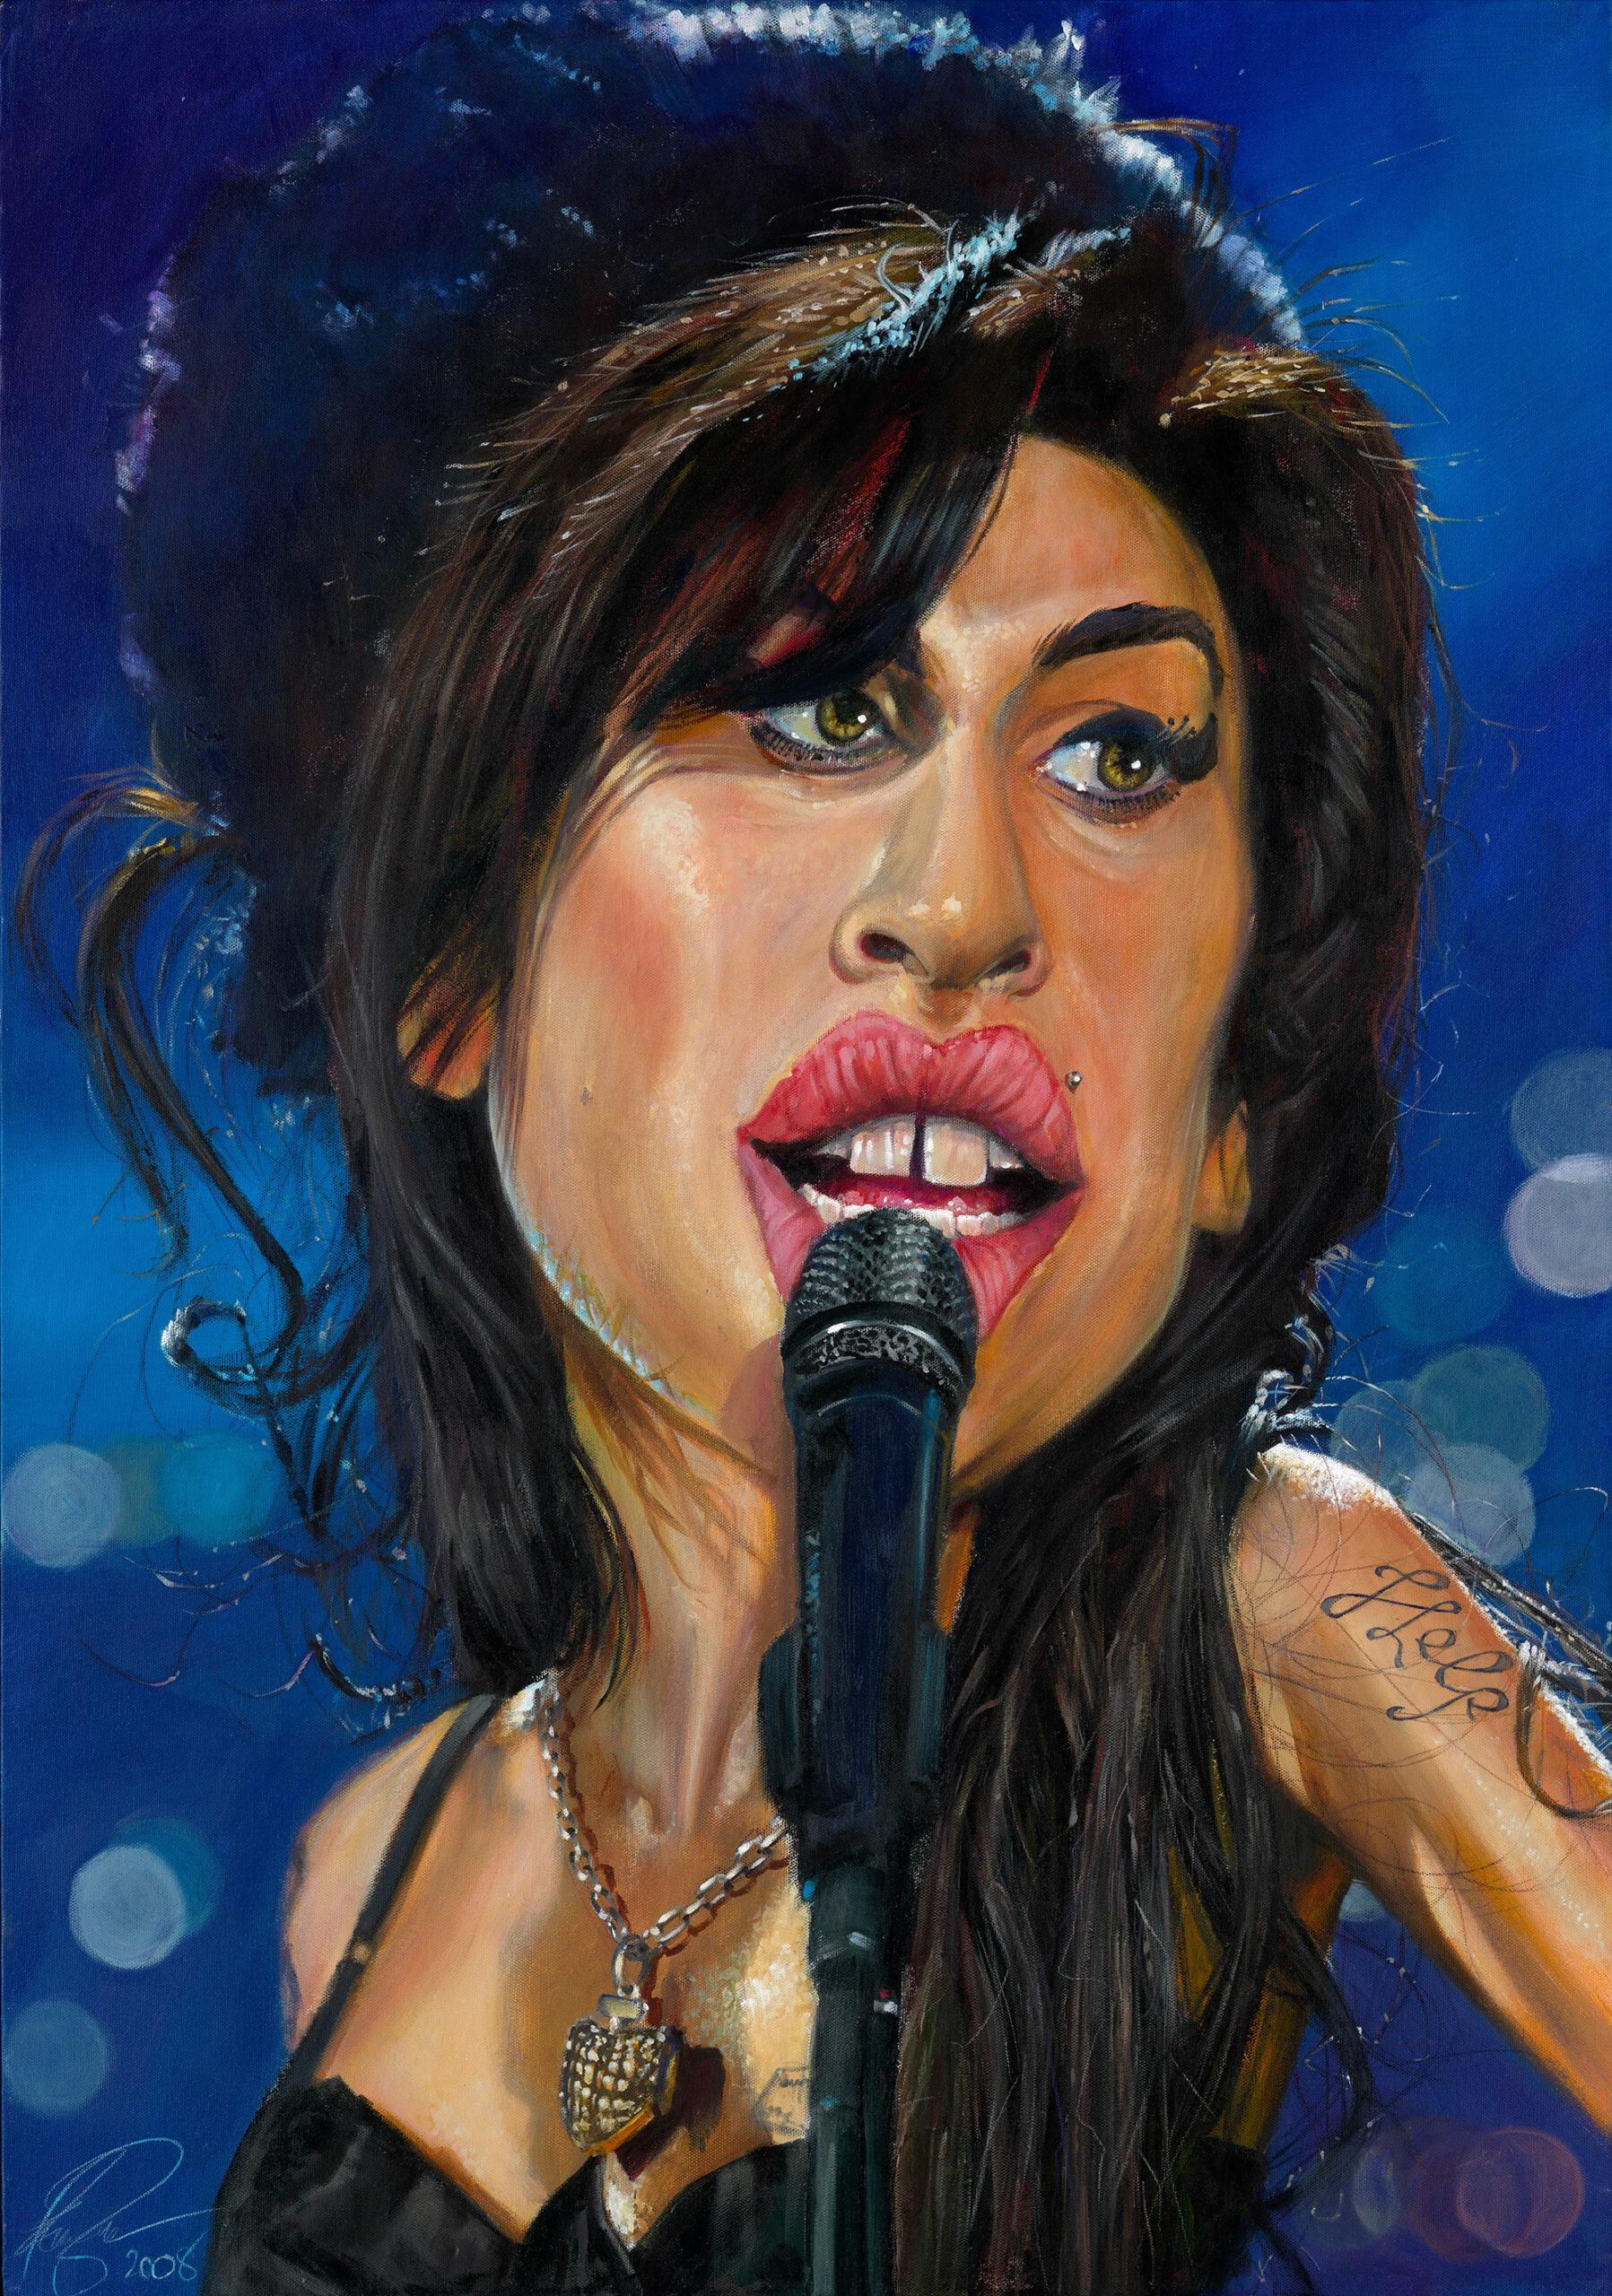 Amy Winehouse portrait by Derren Brown